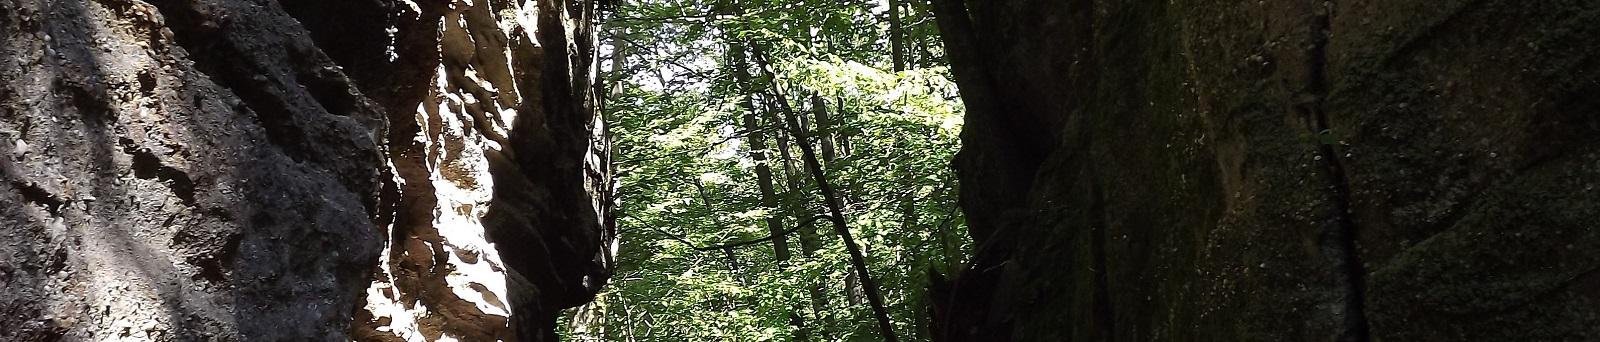 Trees Viewed Through Gap in Rocks